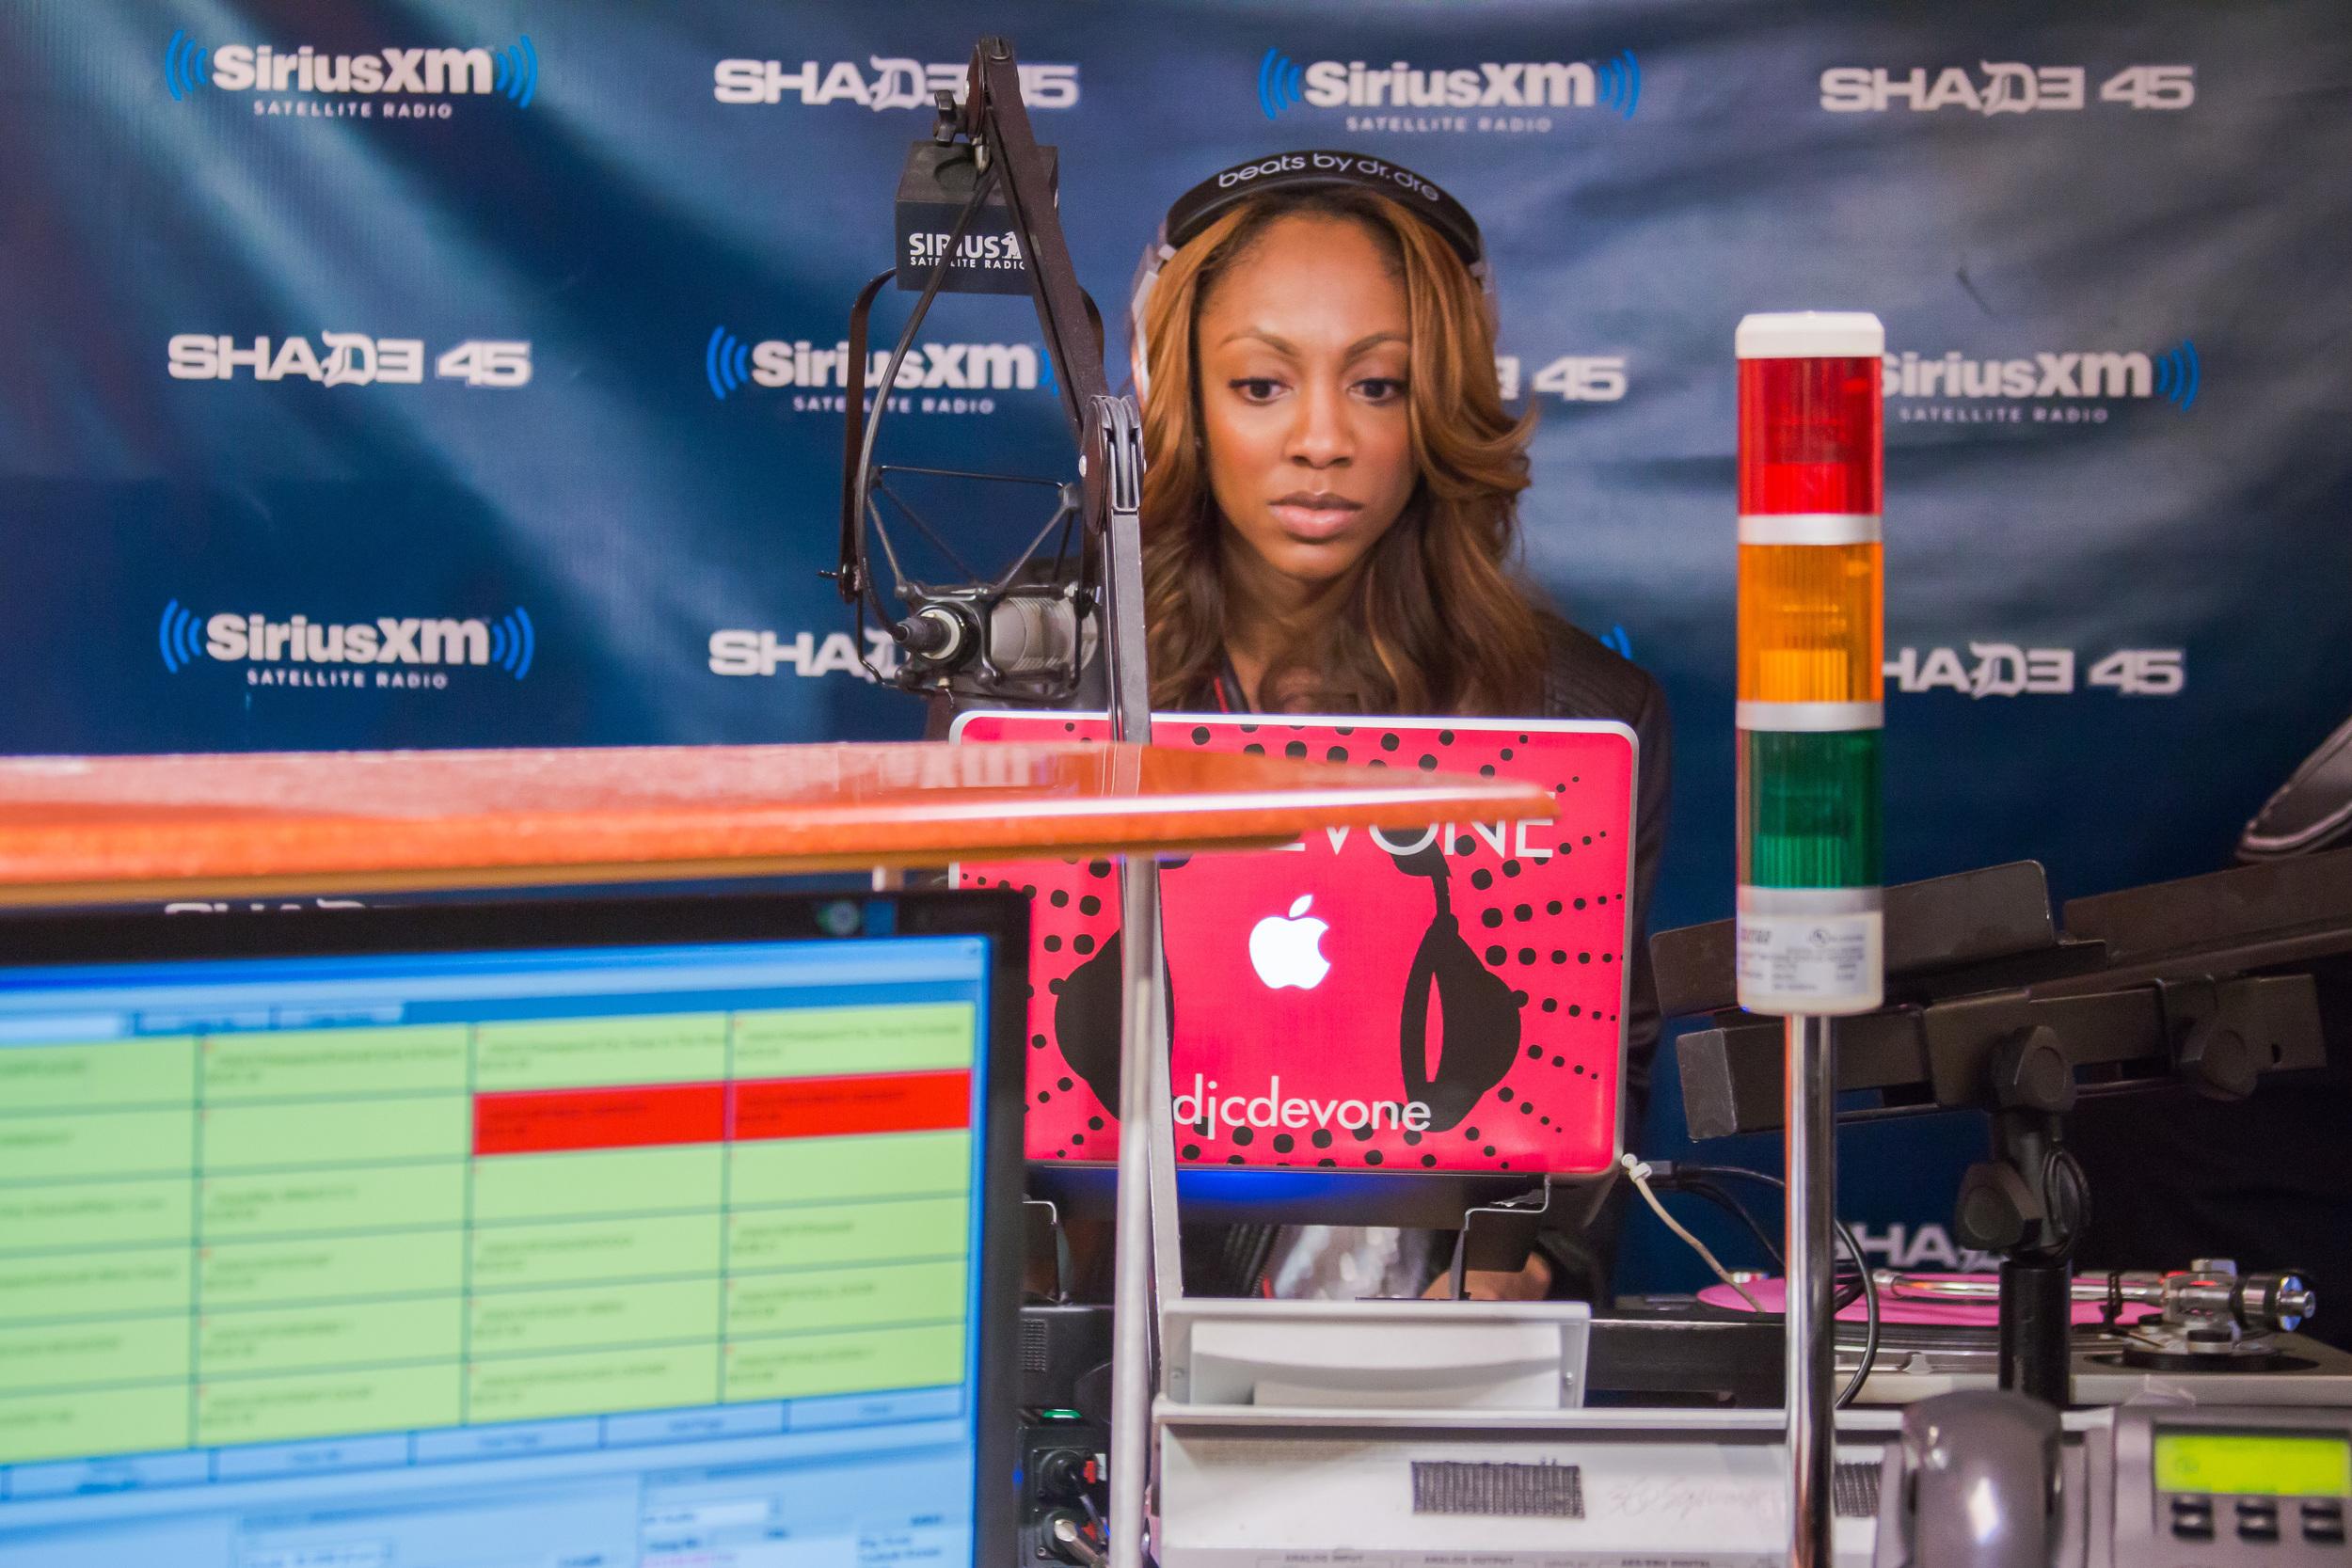 DJ C. DeVone at Sway in the Morning (3.18.15)-6.jpg